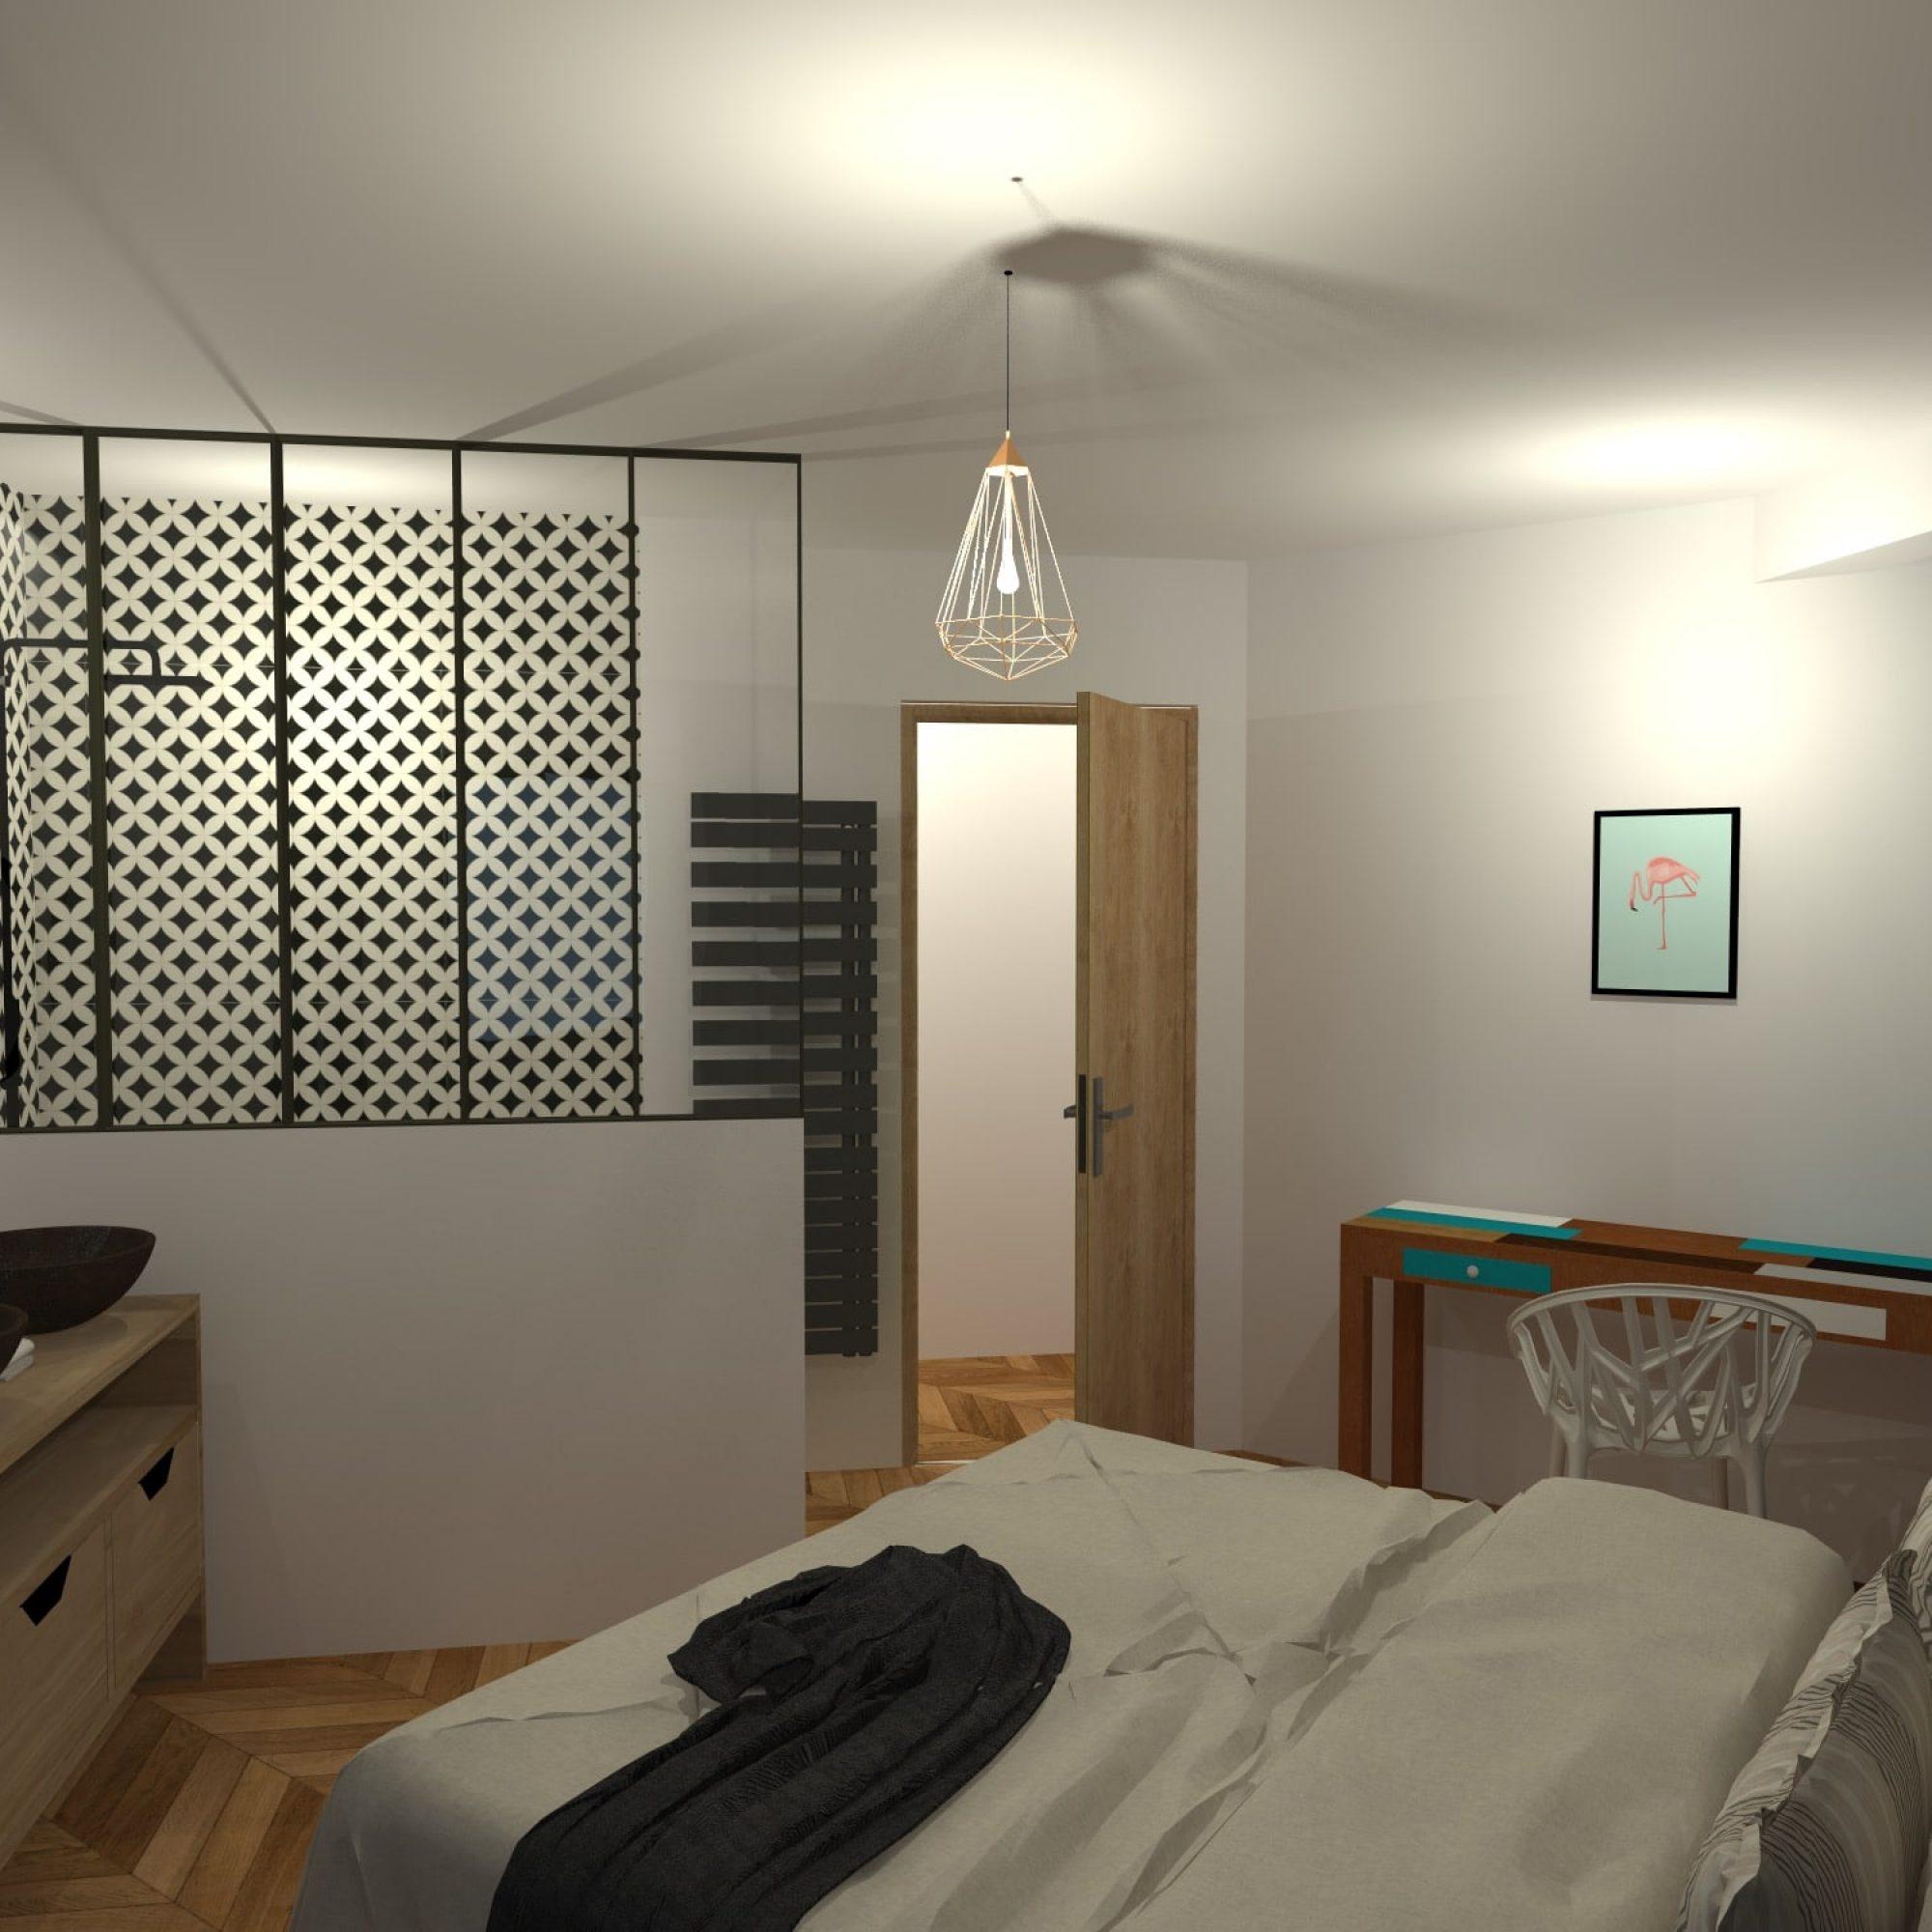 chambre-amis-bac-a-douche-sur-mesure-montpellier-architecte-dinterieur-jeremy-dugas